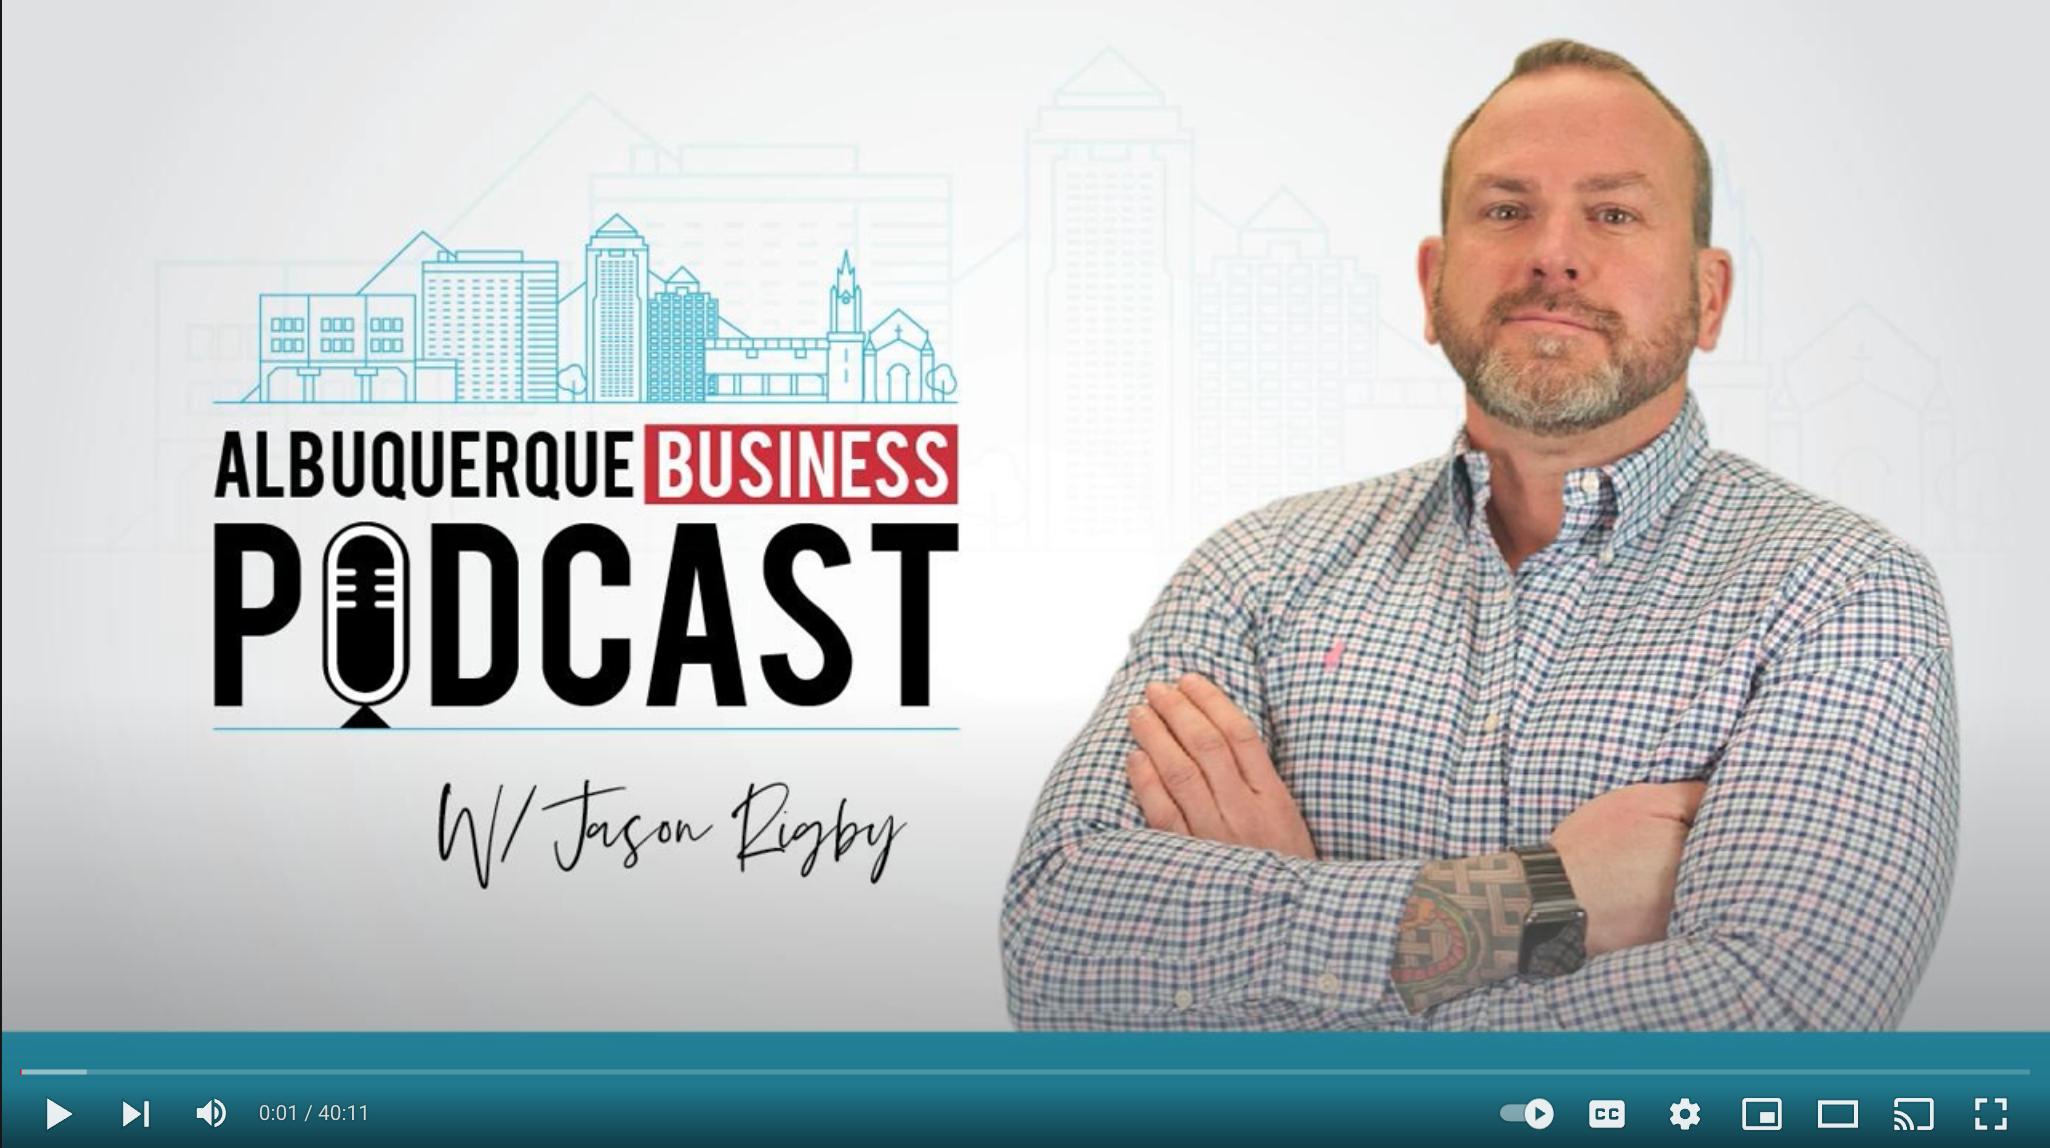 Jason Rigby of Albuquerque Business Podcast